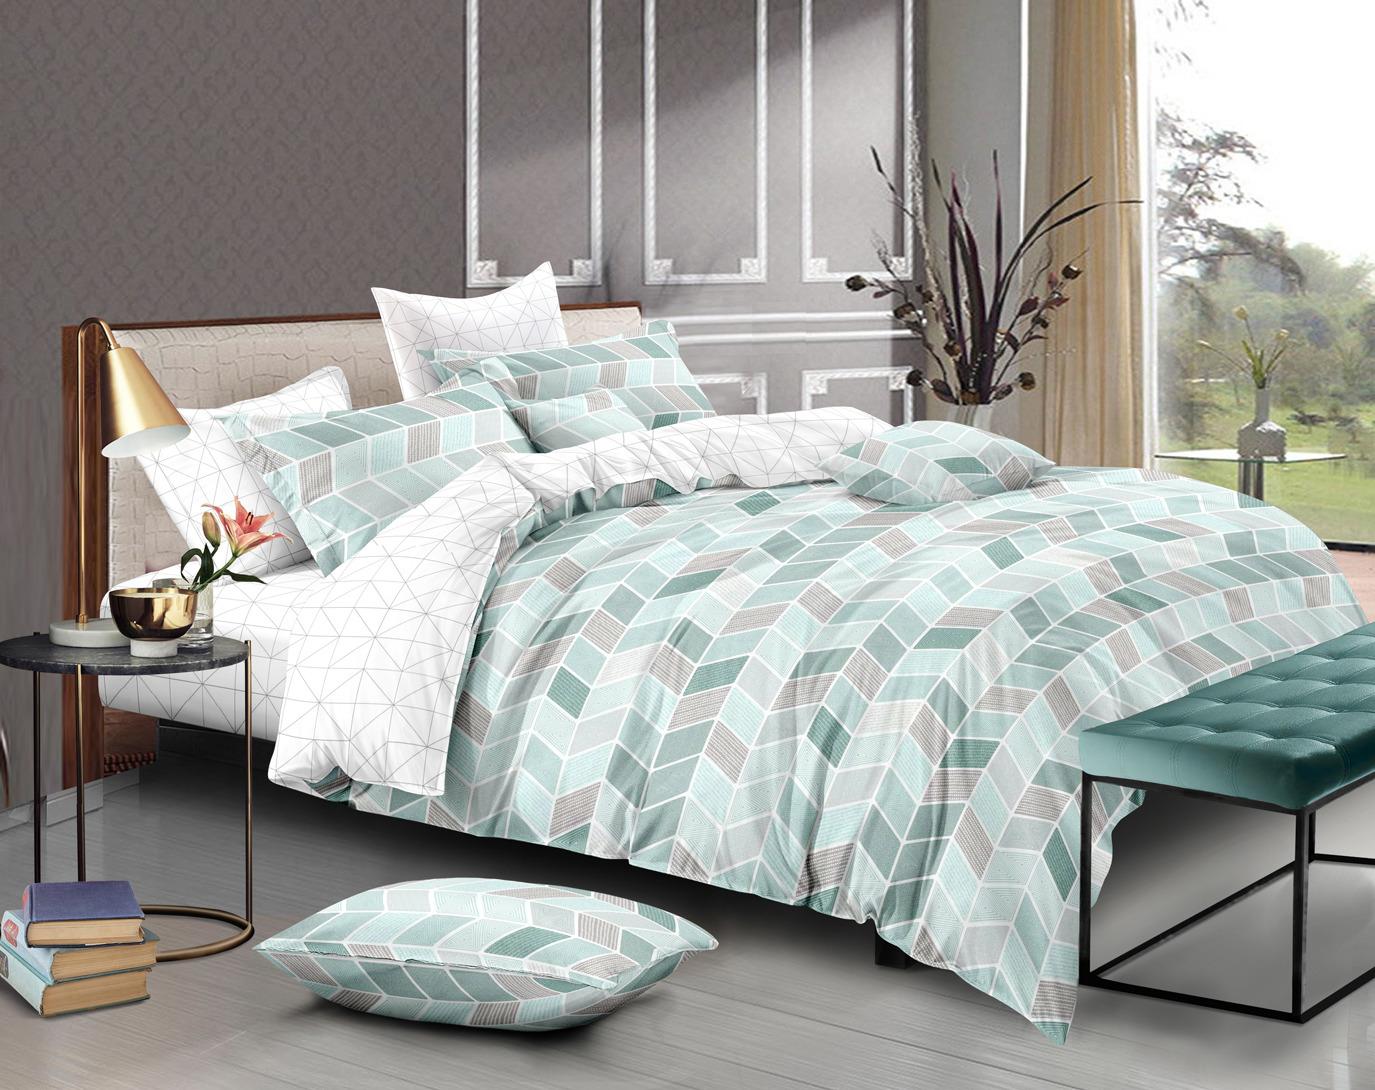 Комплект постельного белья Amore Mio Gold Valery, 7831, зеленый, 1,5-спальный, наволочки 70x70